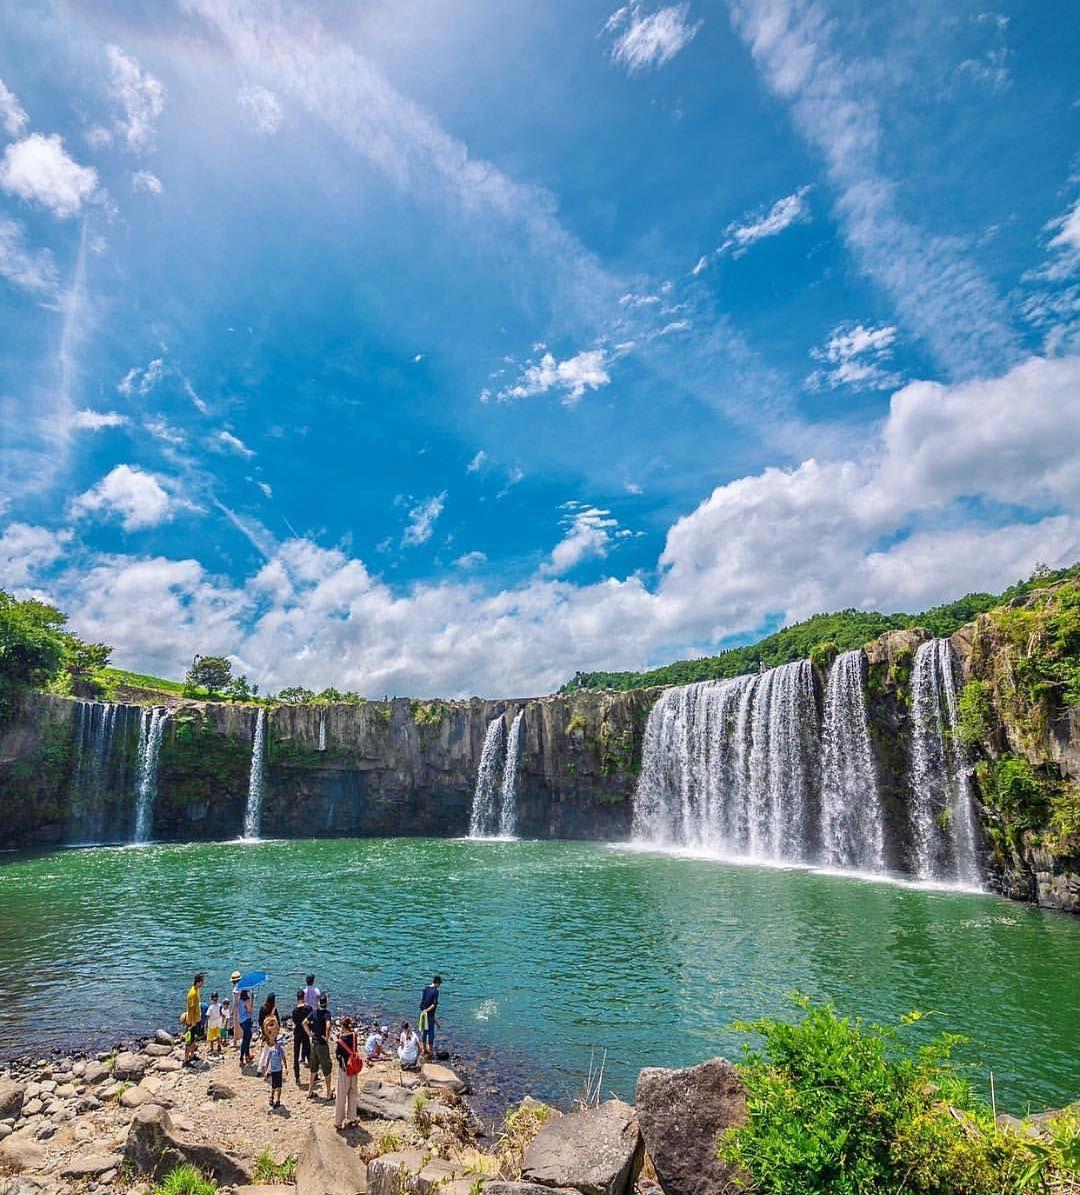 大分にある原尻の滝は日本の滝100選大分県百景のひとつにあげられています 季節によって水量が変わるので1年中楽しめる名瀑です 住所 879 6631 大分にある原尻の滝は日本の滝100選大分県百景のひとつにあげられています 季節によって水量が変 Japanese Landscape